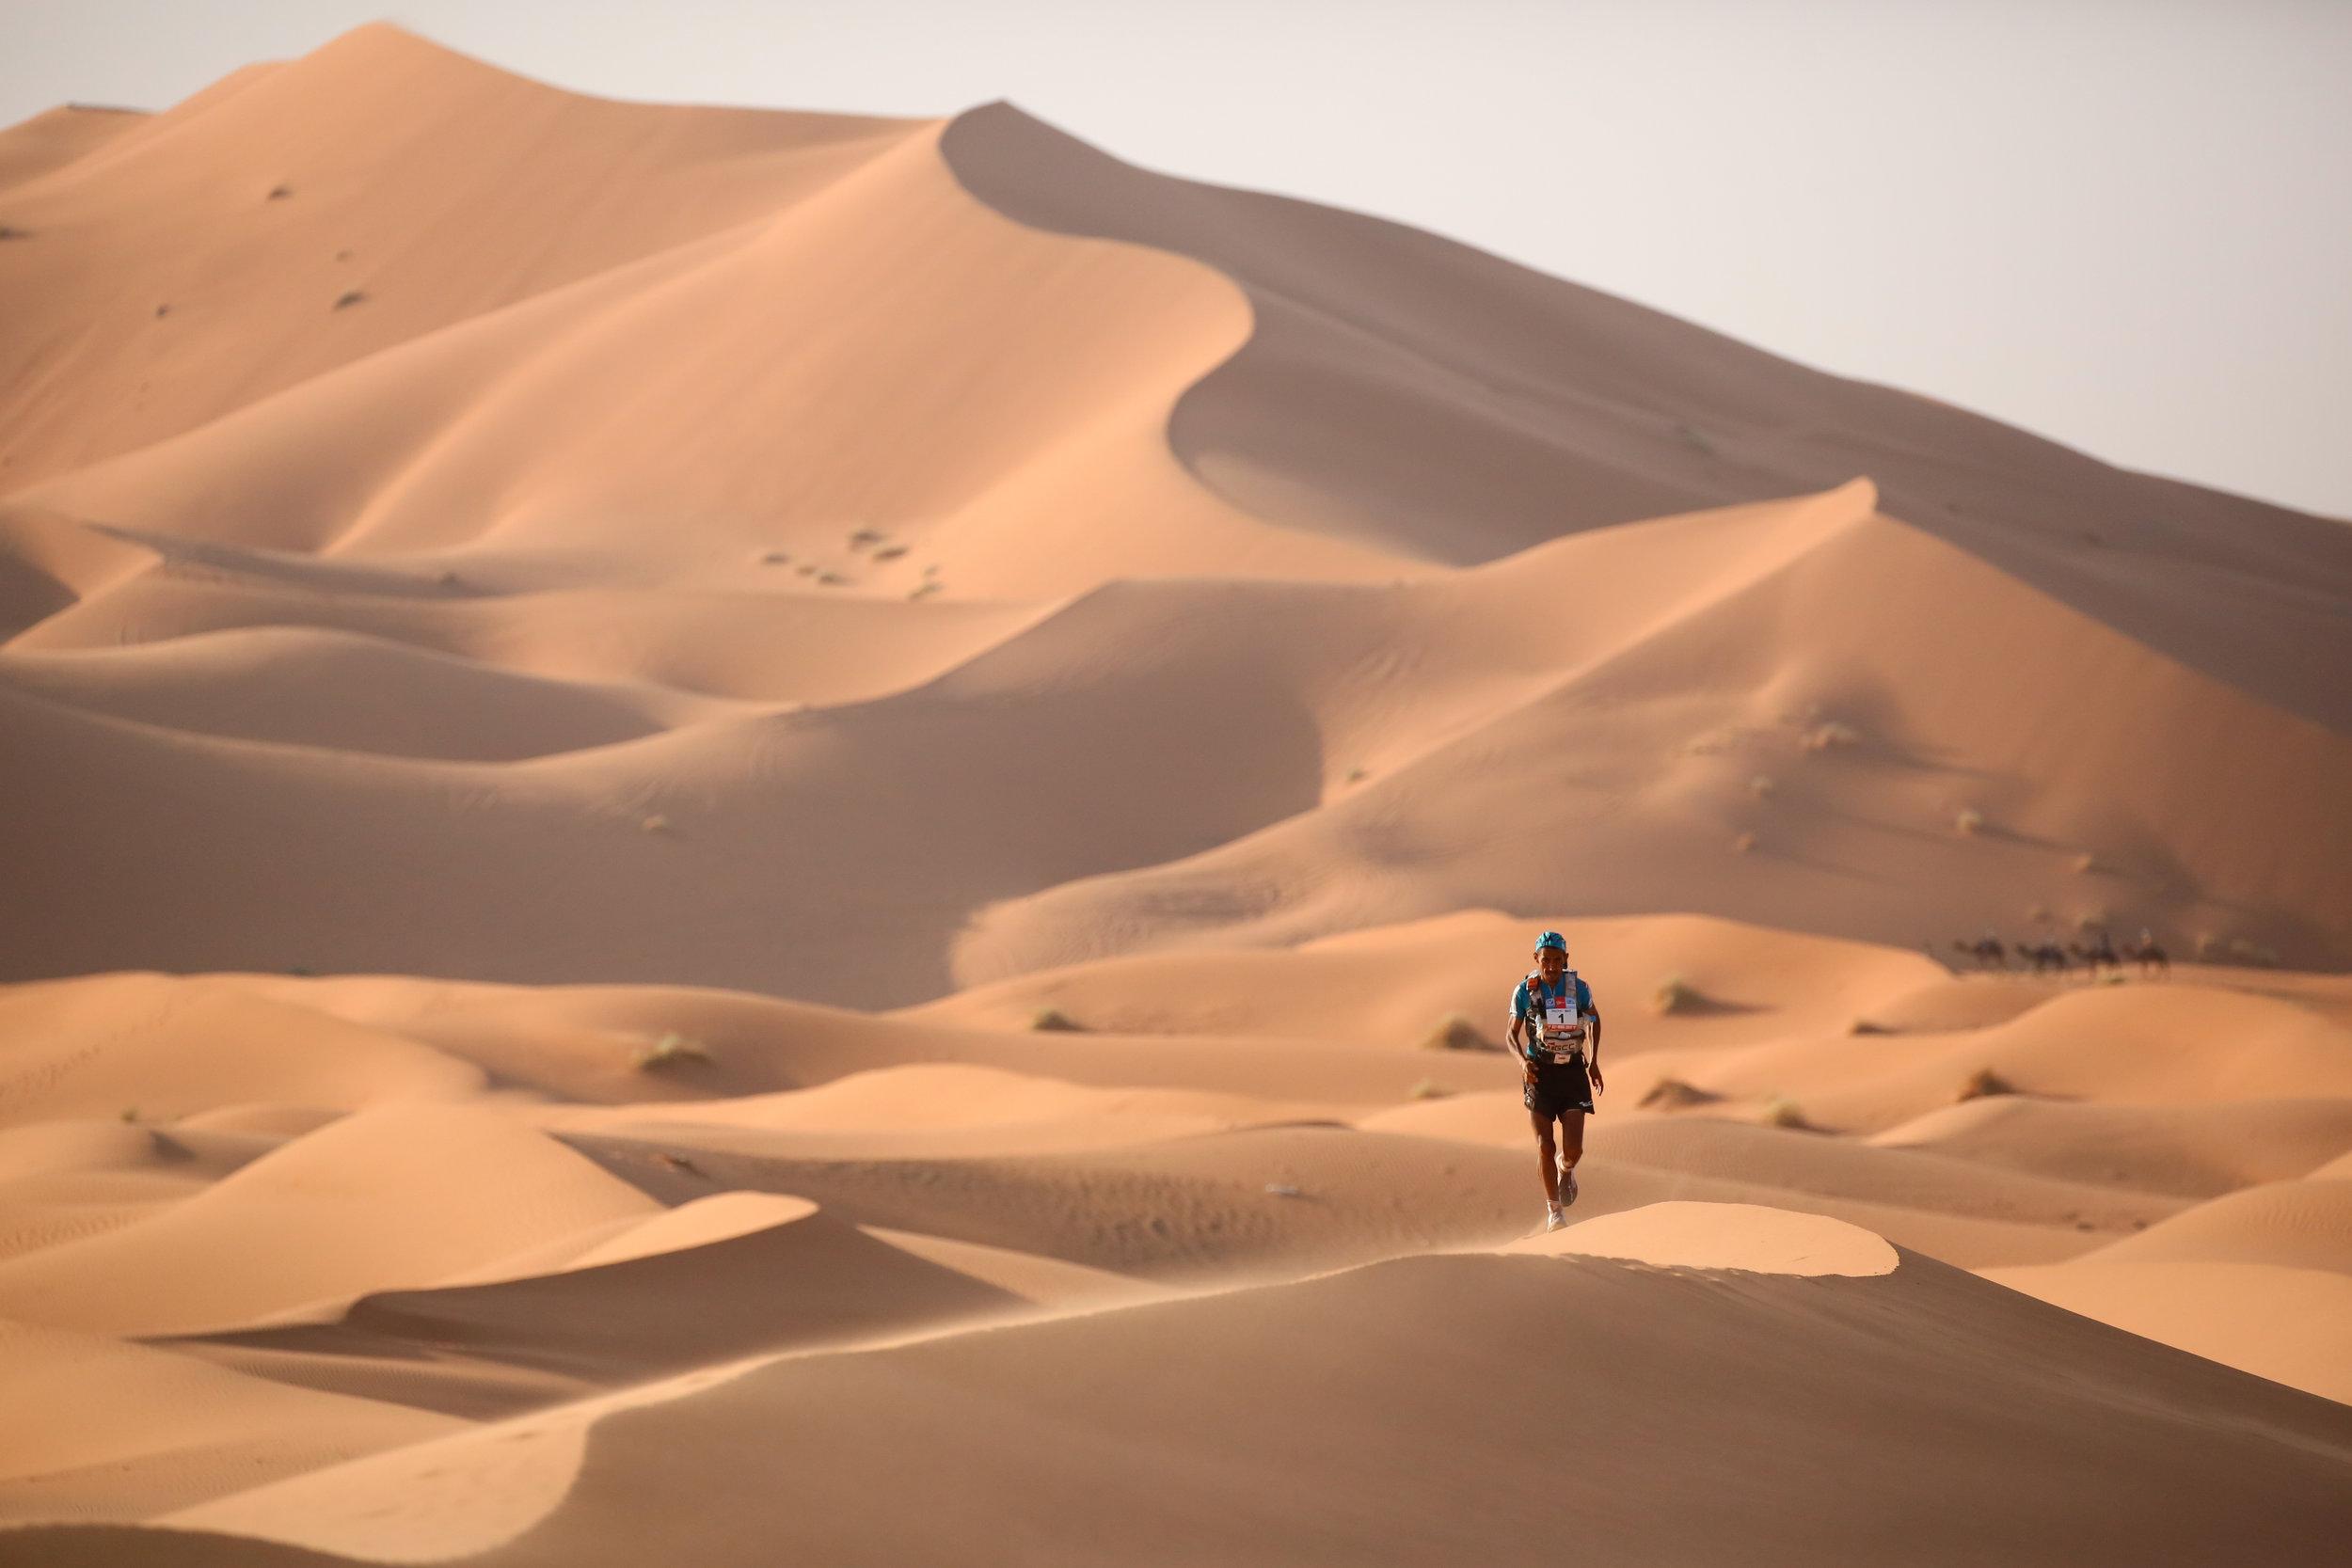 Image: Erik Sampers / Marathon des Sables